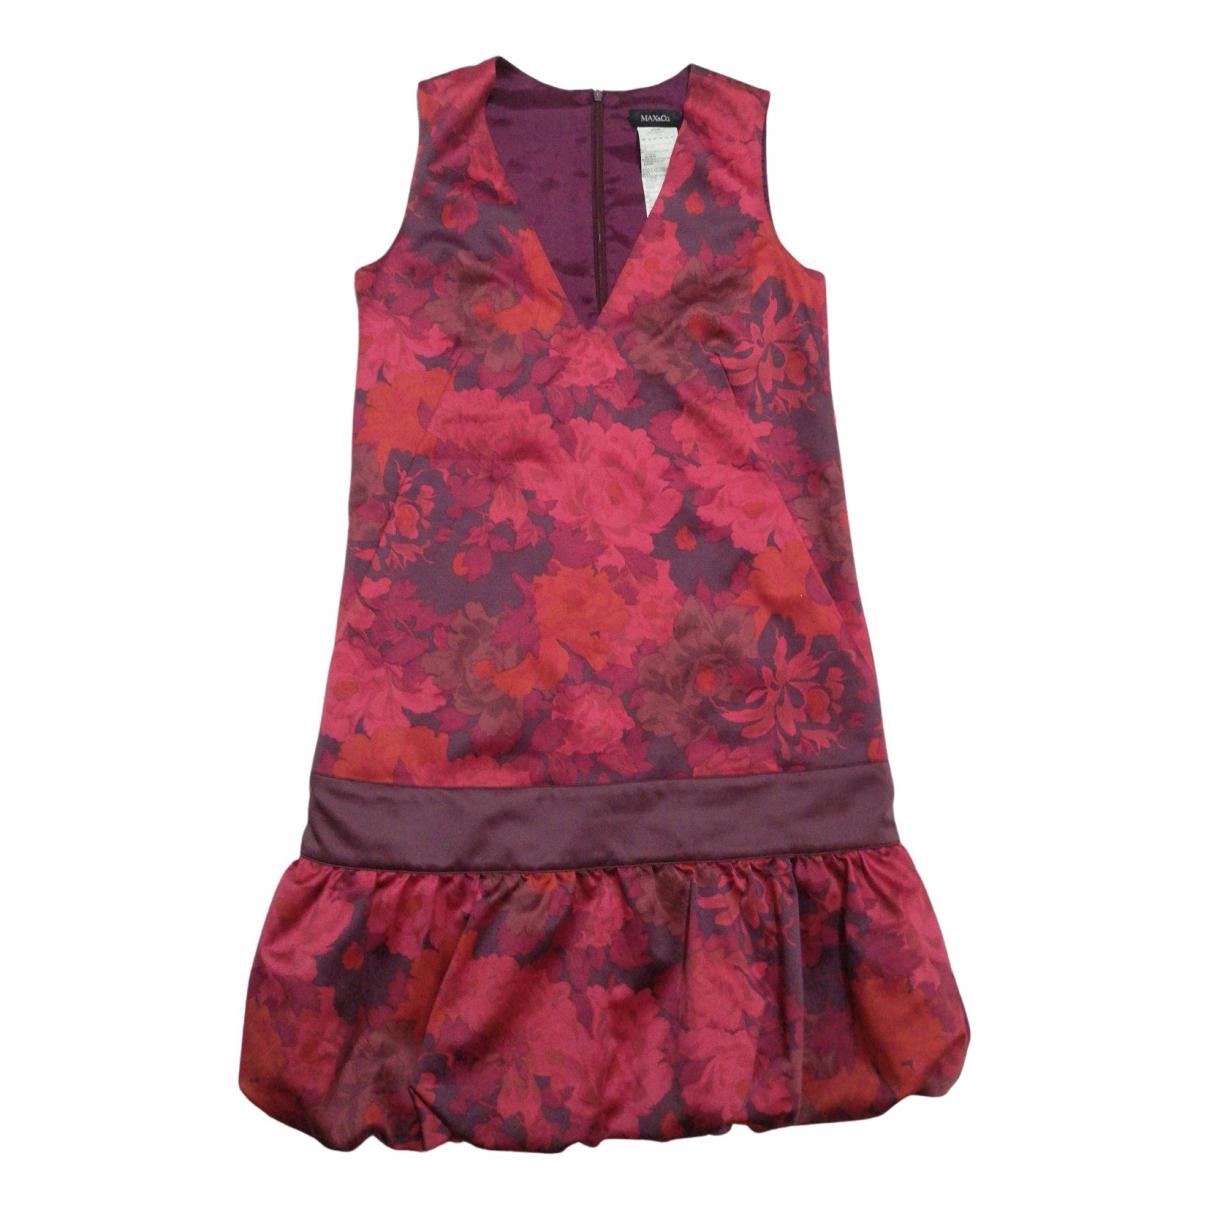 Max & Co - Robe   pour femme - multicolore